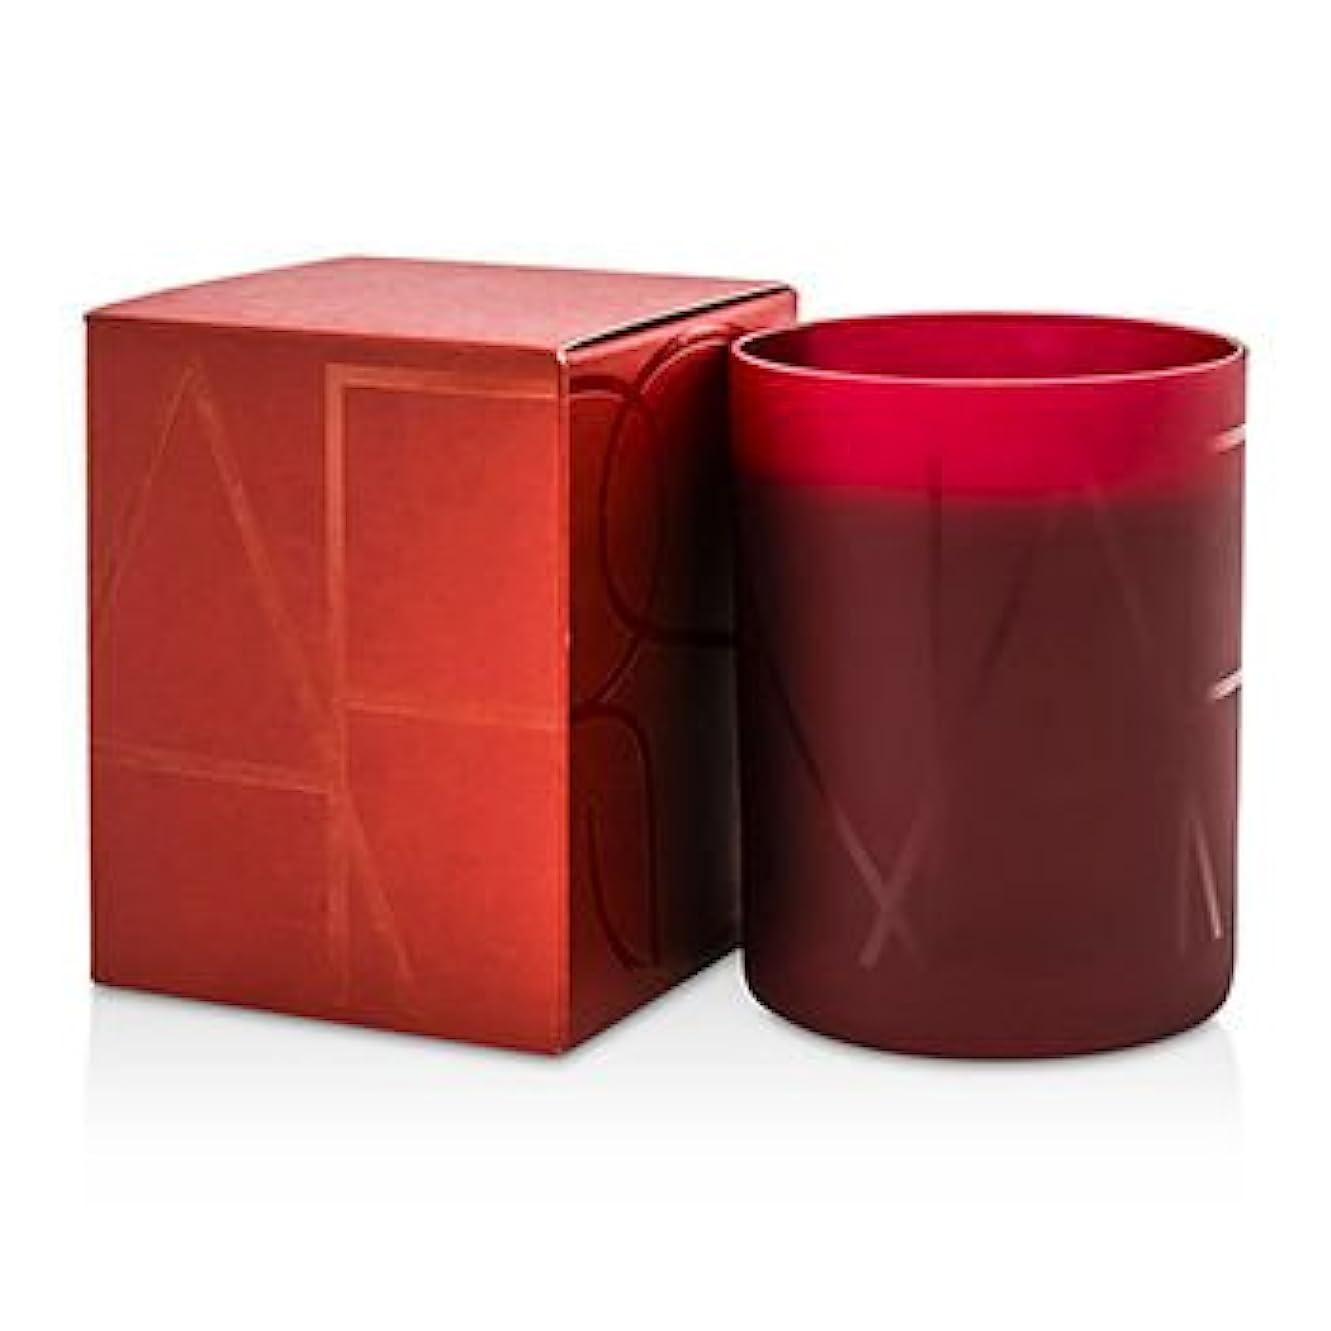 スーパーマーケットレタッチサスペンション[NARS] Candle - Jaipur 270g/9.5oz